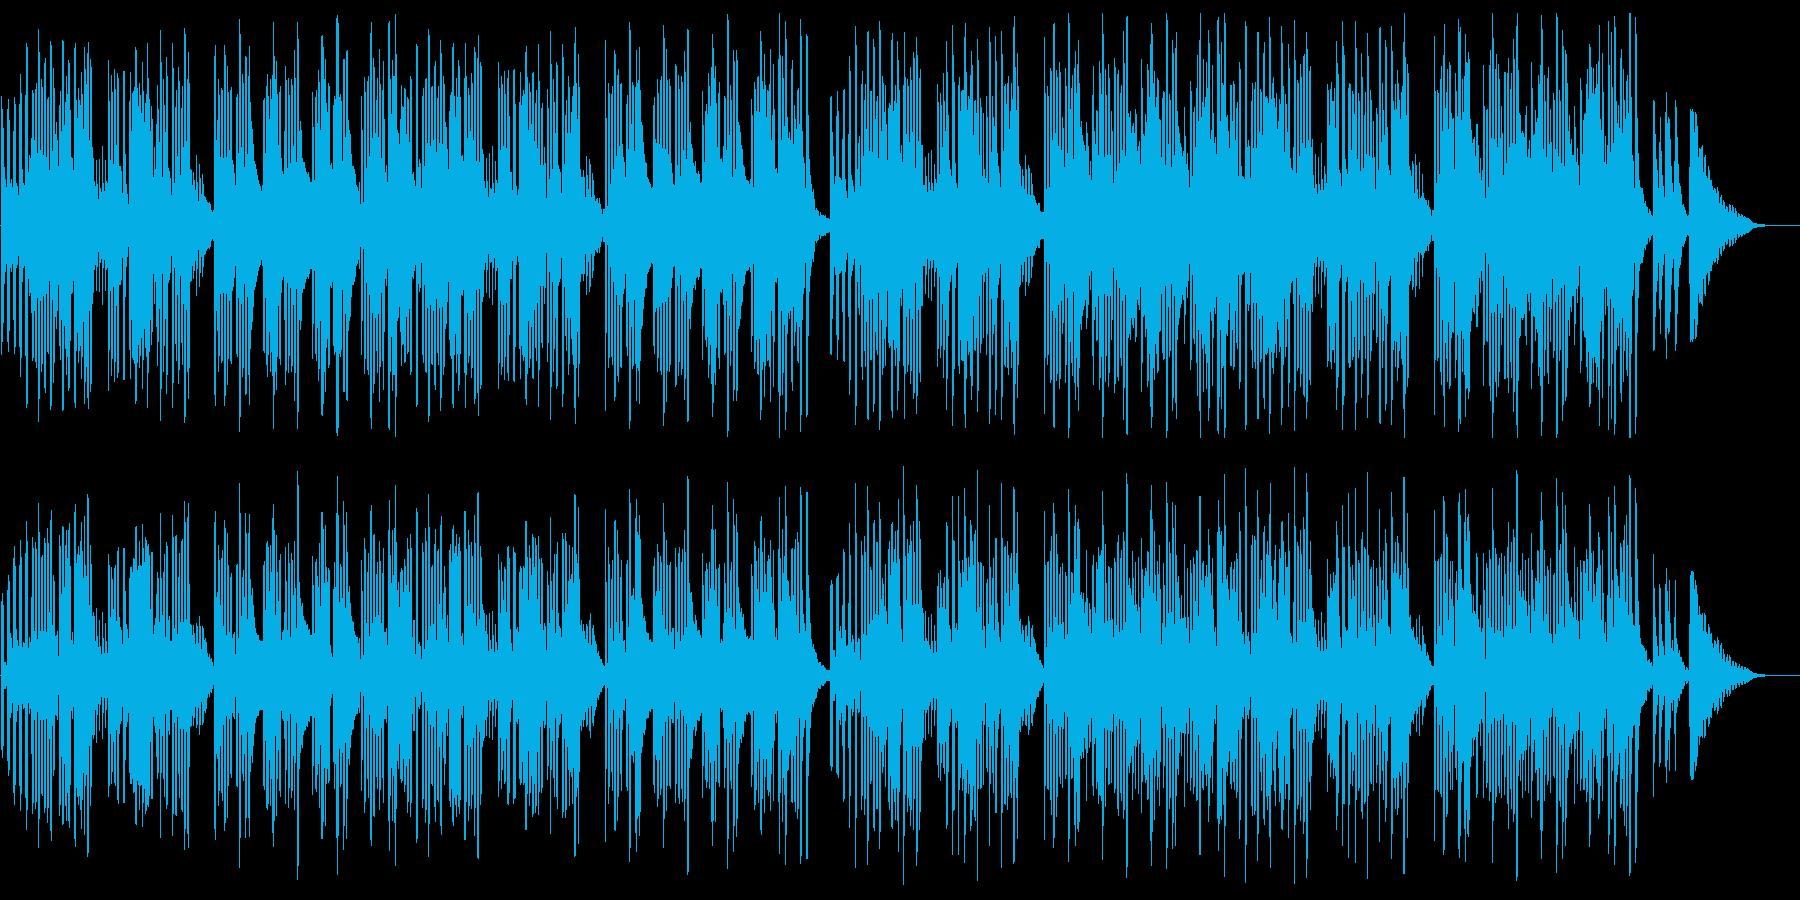 キュートでほのぼのした楽曲A:フル版の再生済みの波形